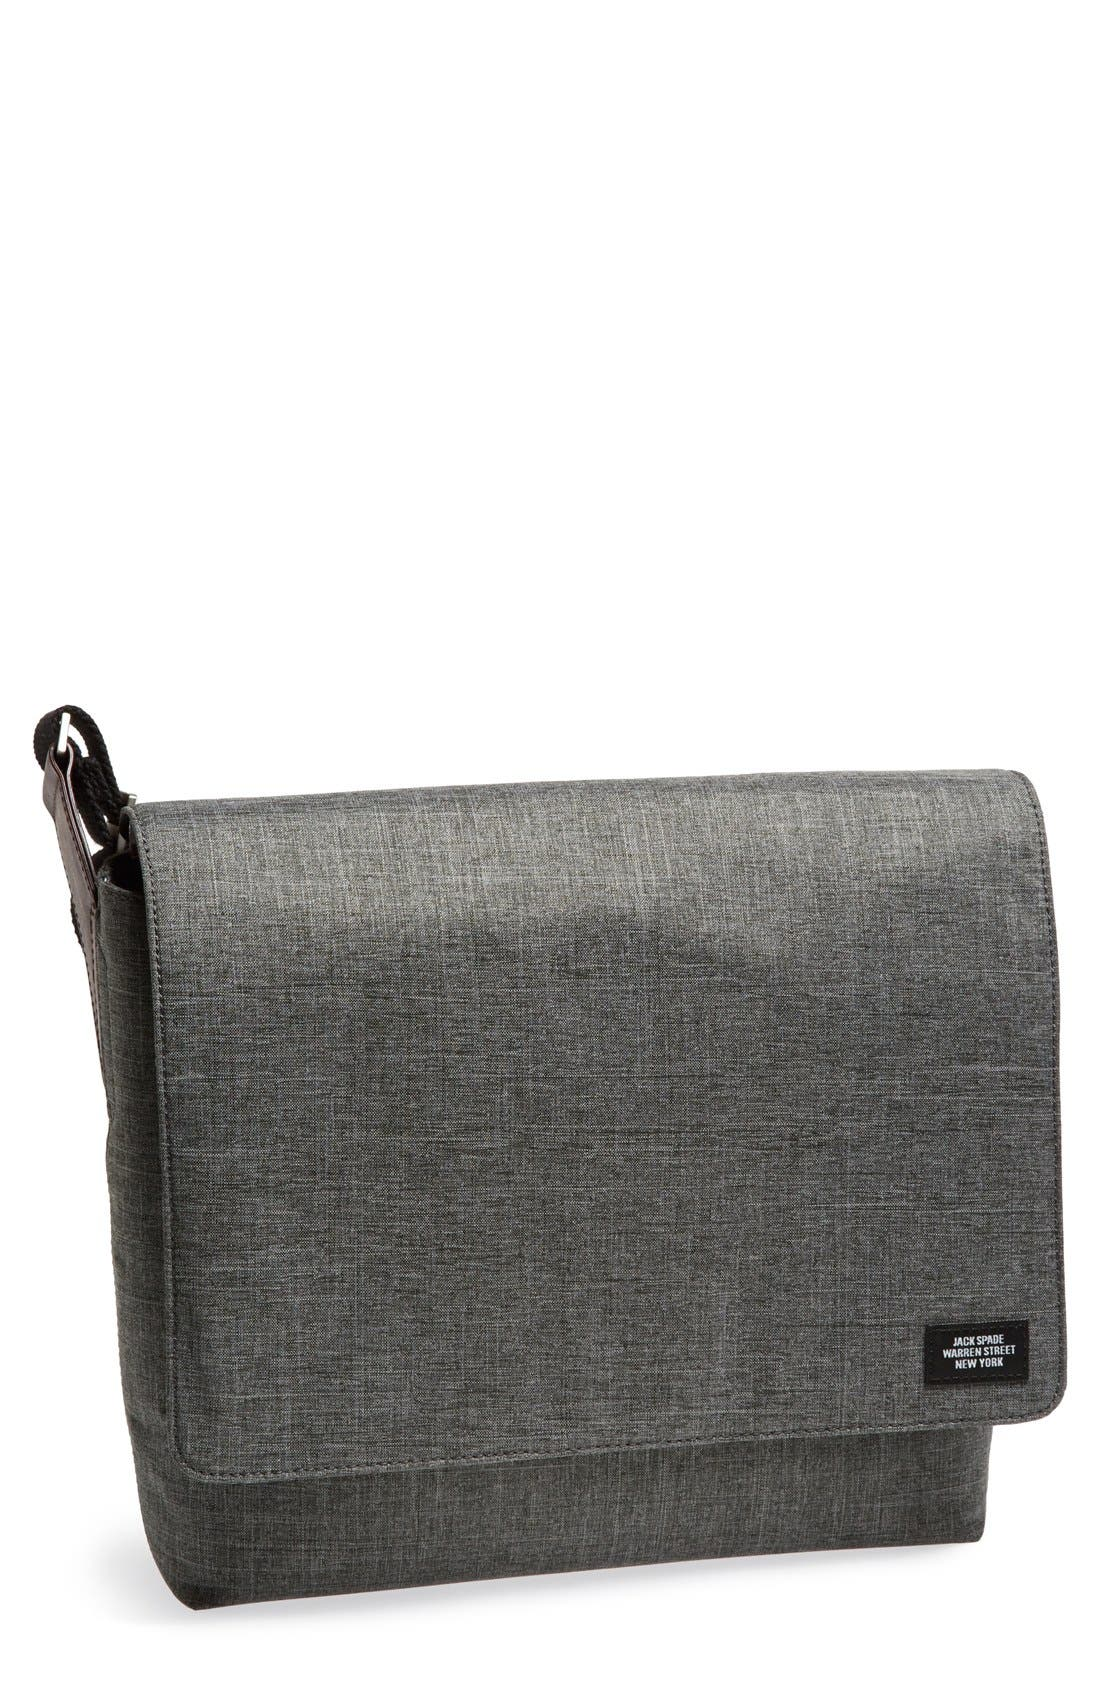 JACK SPADE Messenger Bag, Main, color, 020